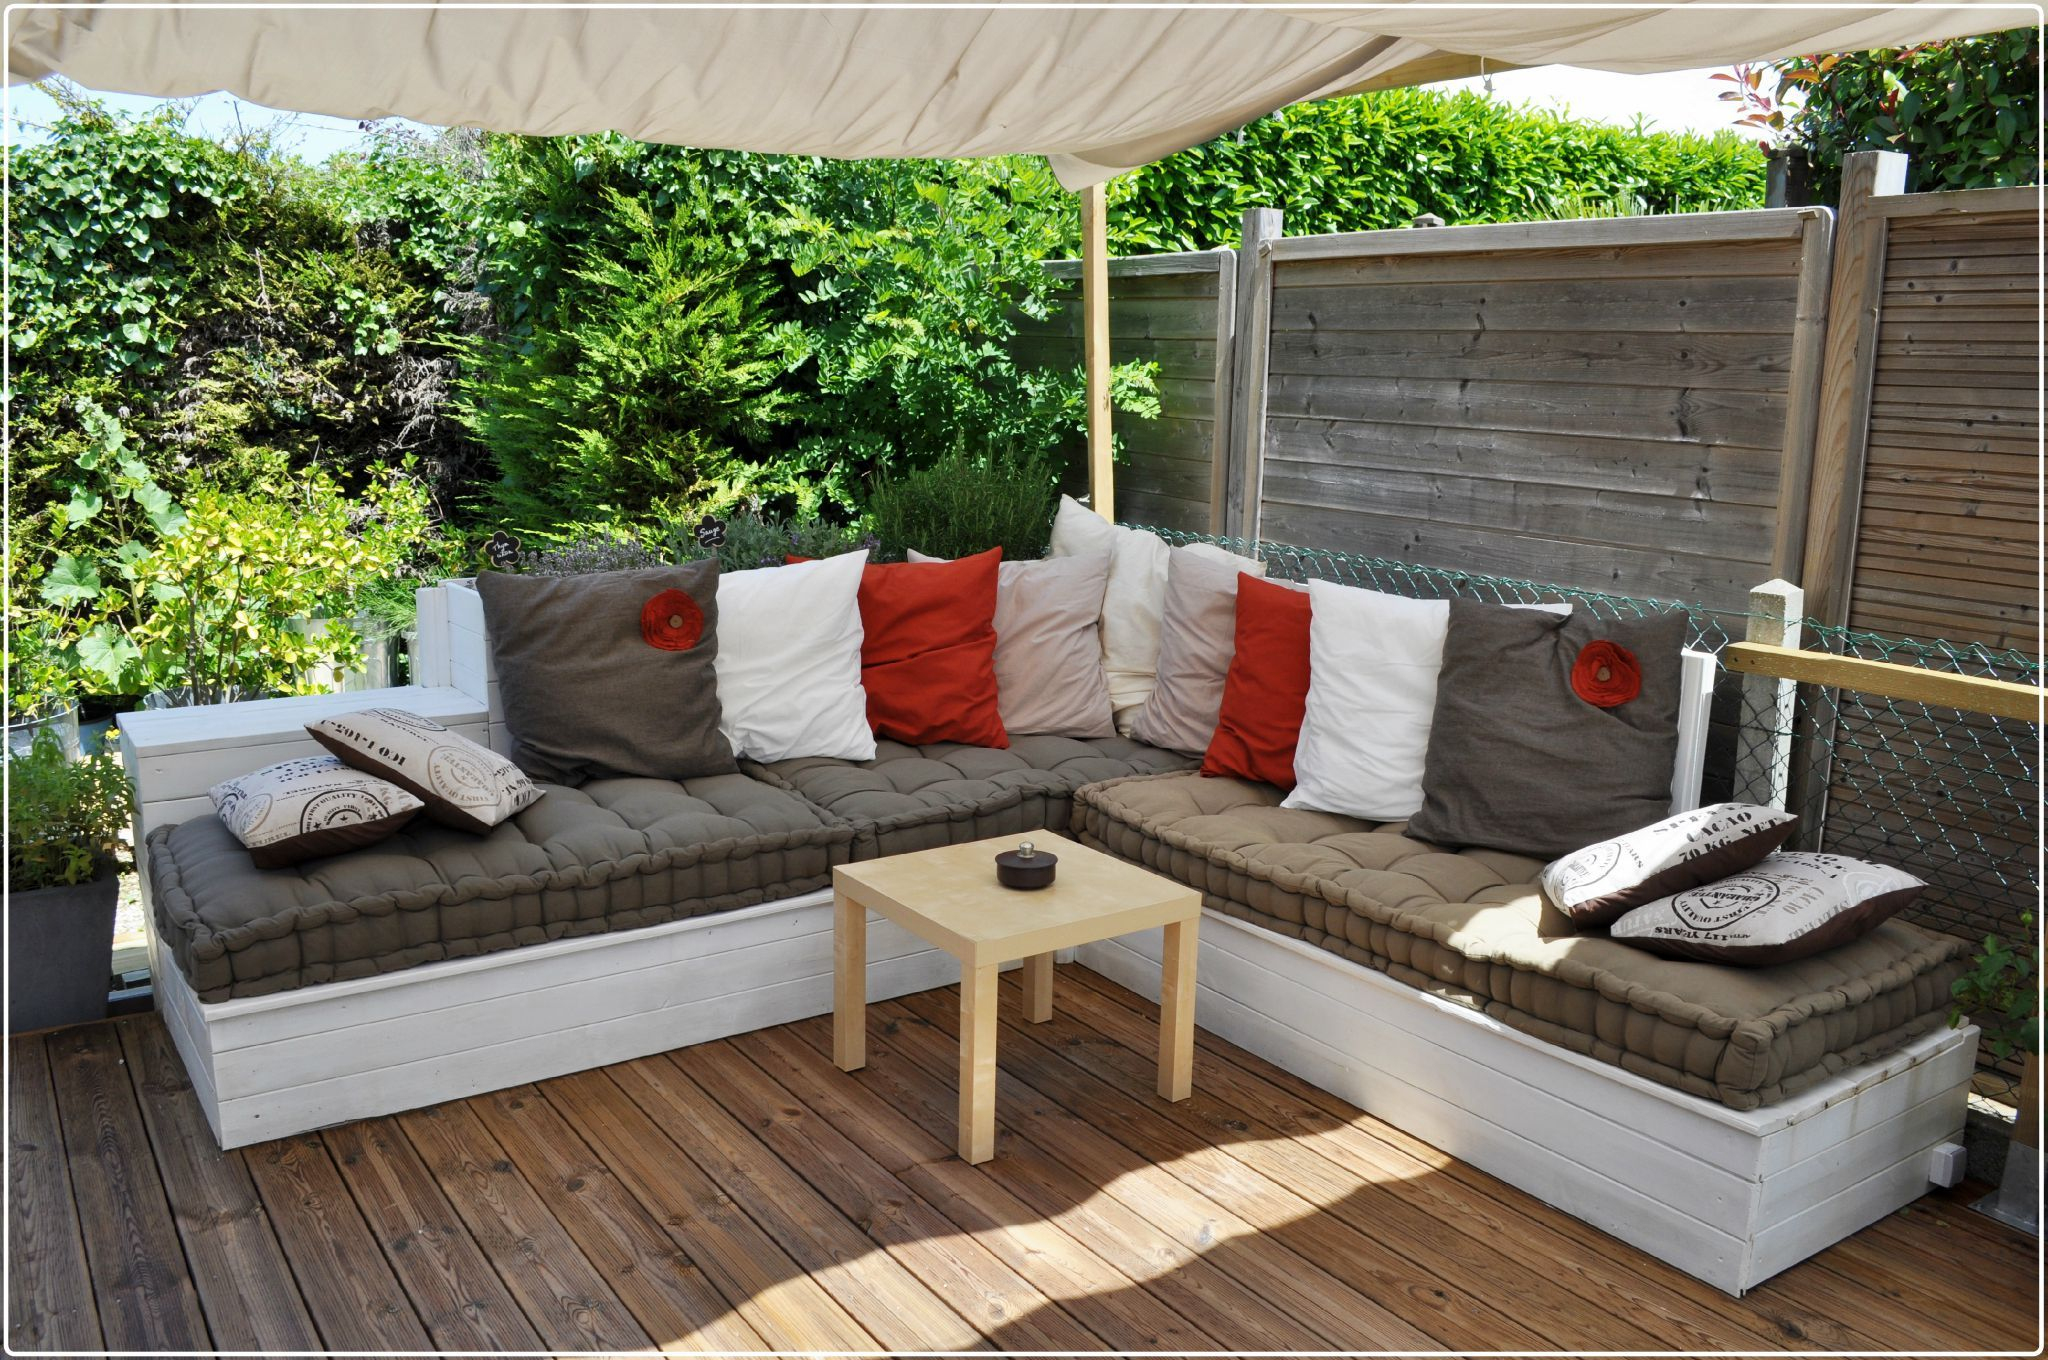 Salon De Jardin, Canapé D'angle Extérieur En Bois   Coin ... dedans Canapé D Angle De Jardin